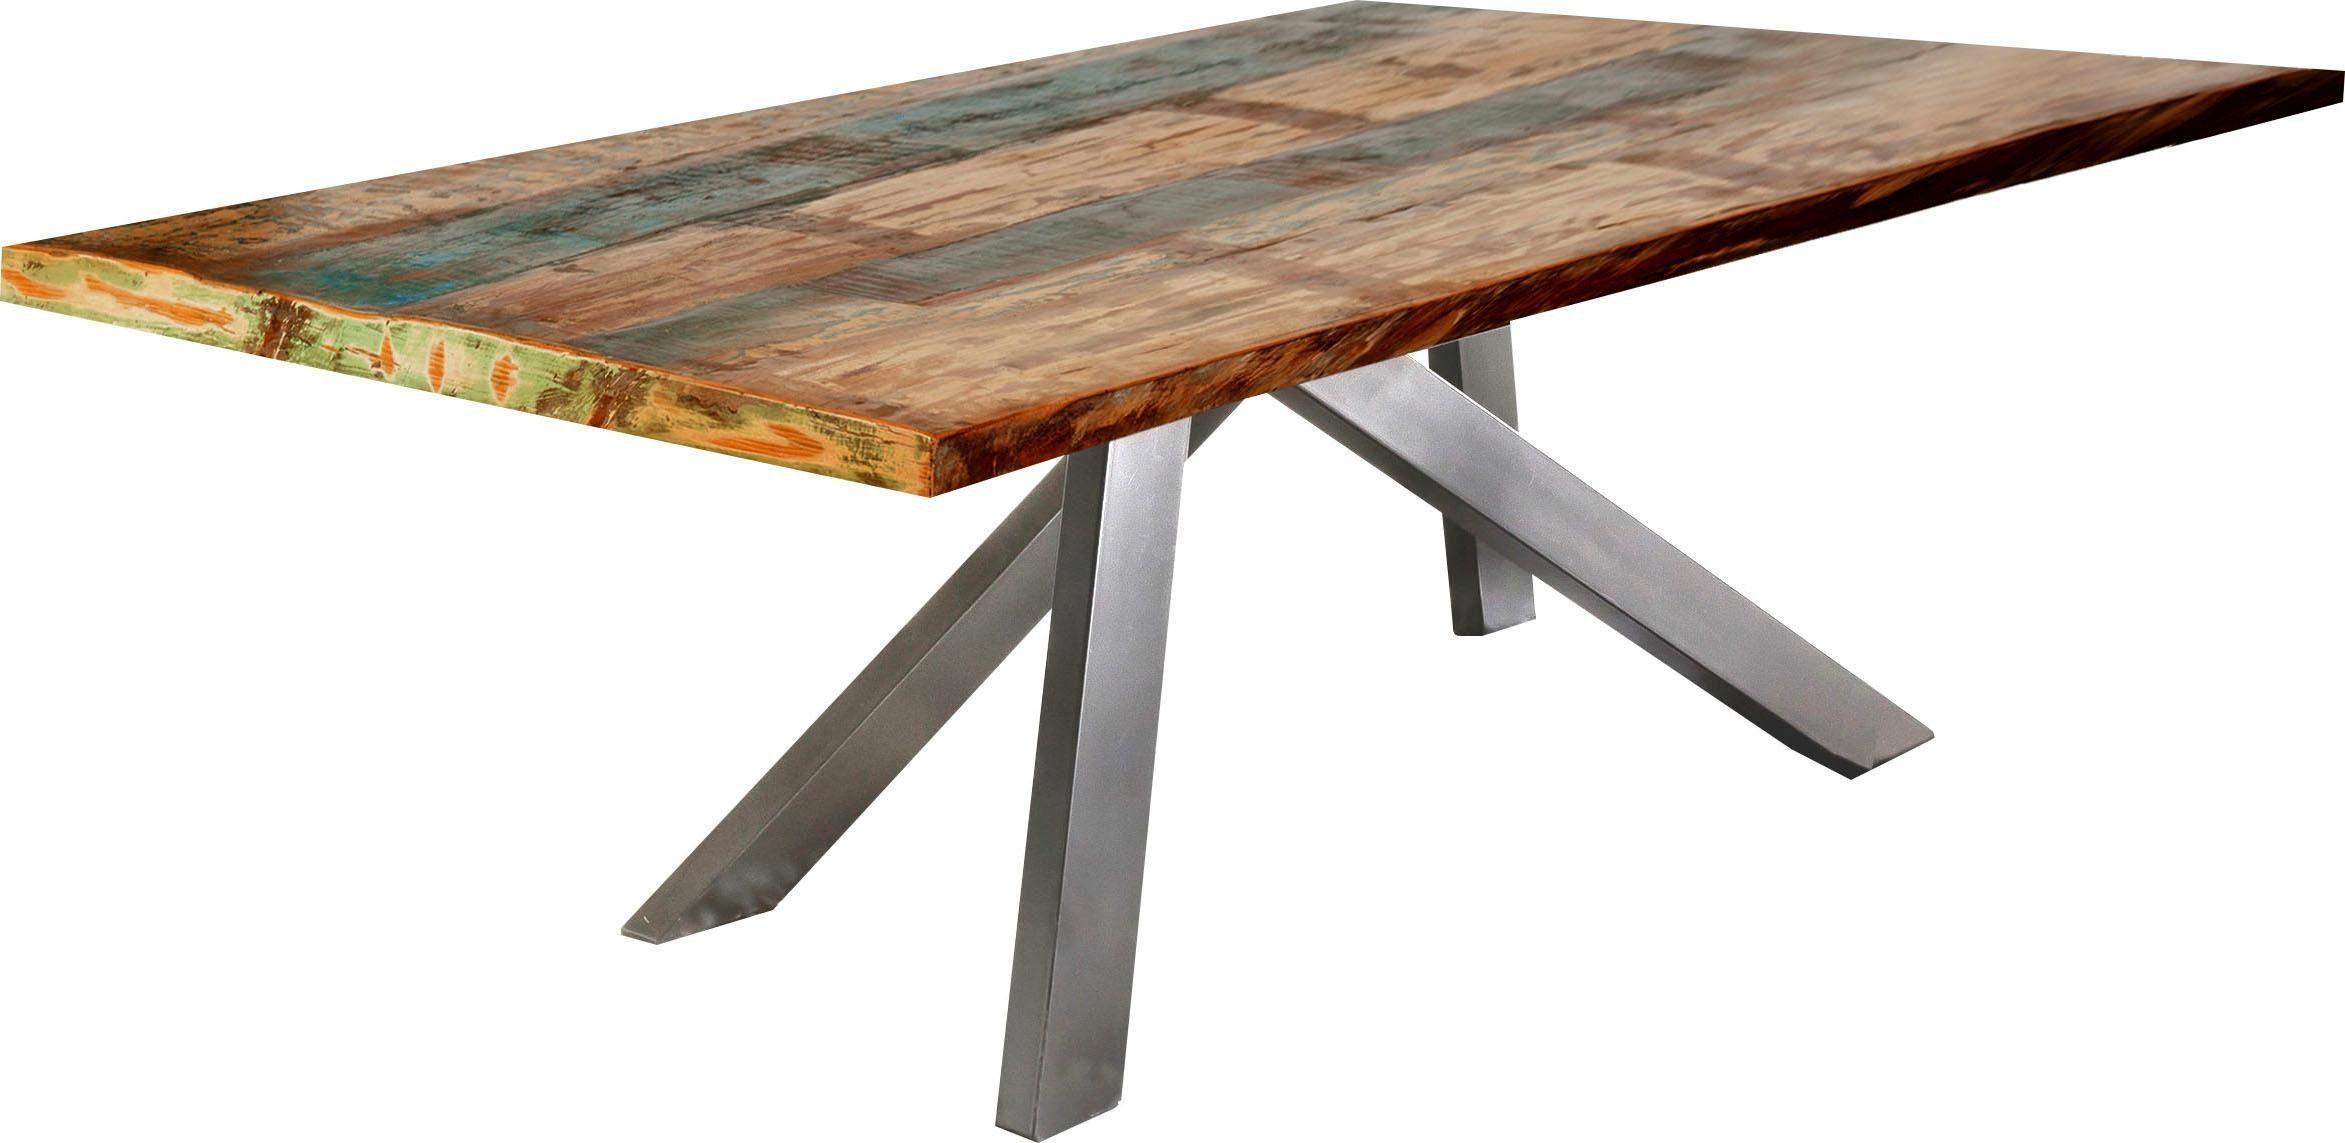 SIT Esstisch Tops&Tables, mit bunter Altholzplatte, Shabby Chic, Vintage bunt Holz-Esstische Holztische Tische